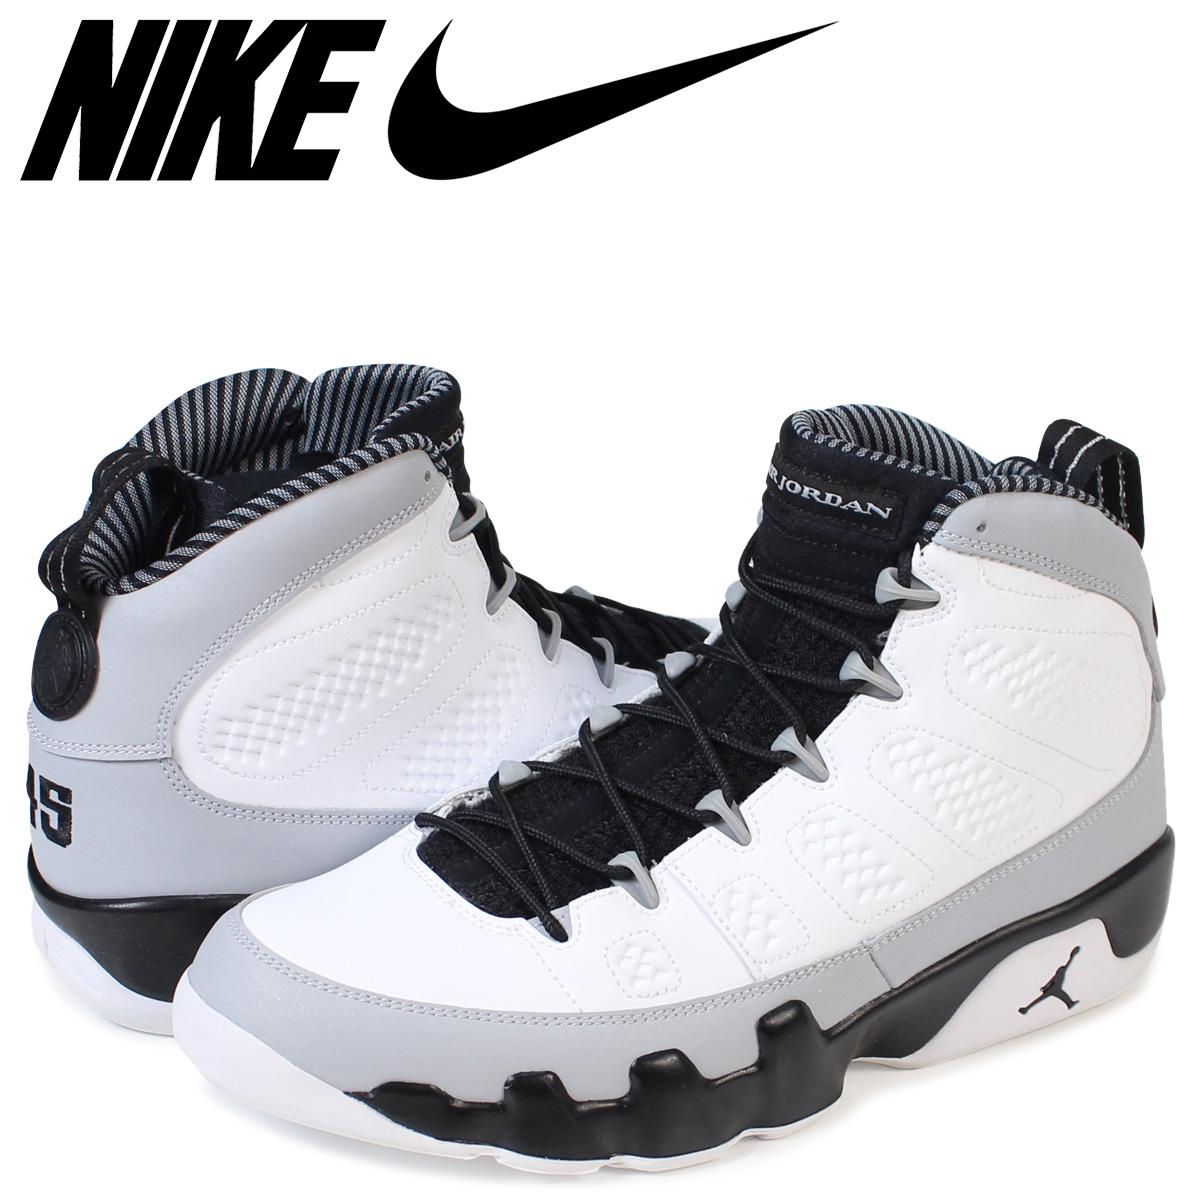 16fc2918f8c8 ... where can i buy nike nike air jordan 9 nostalgic sneakers air jordan 9  retro barons